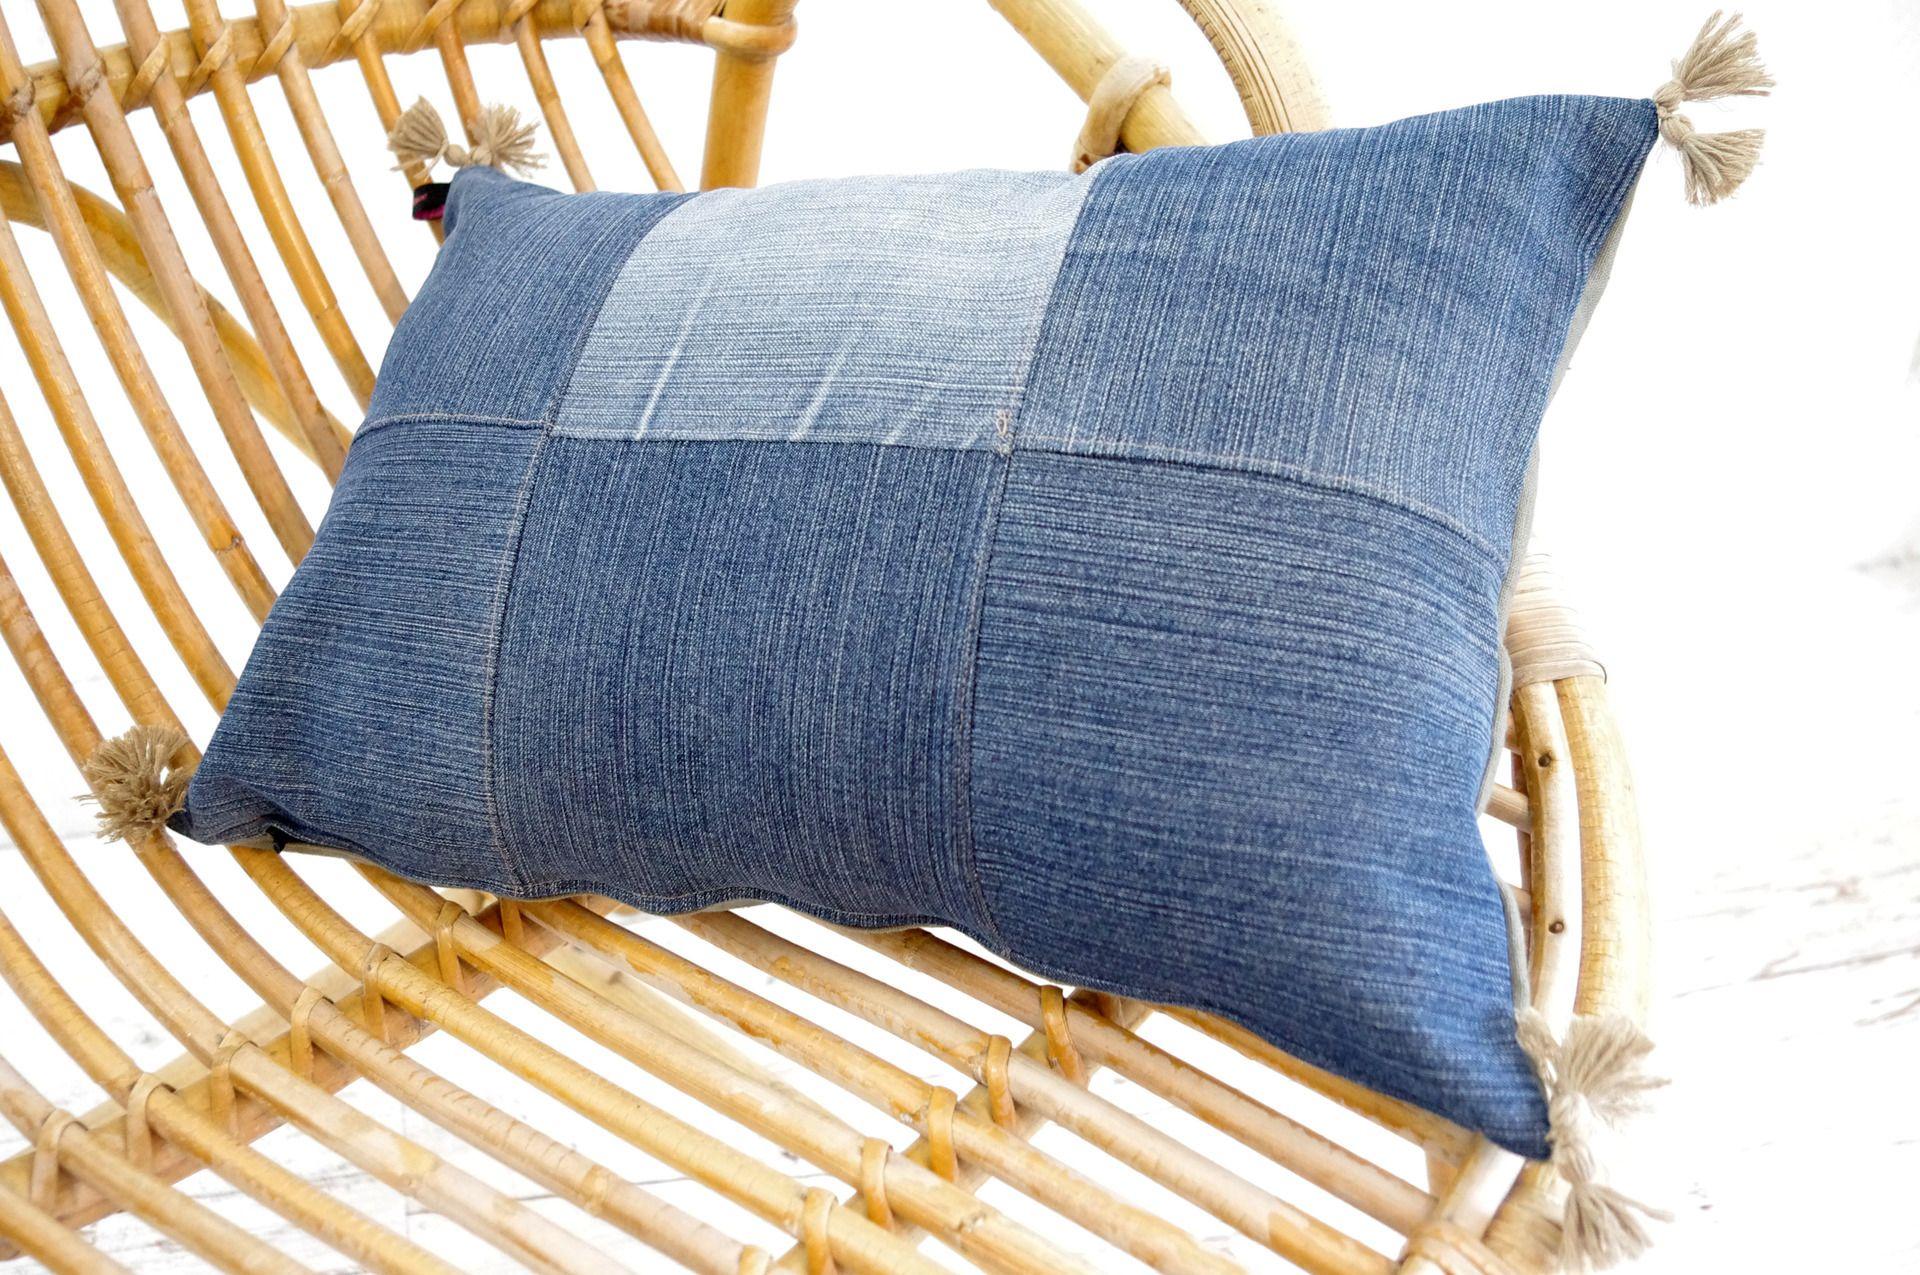 Coussin en patchwork de jean et lin kaki textiles et tapis par